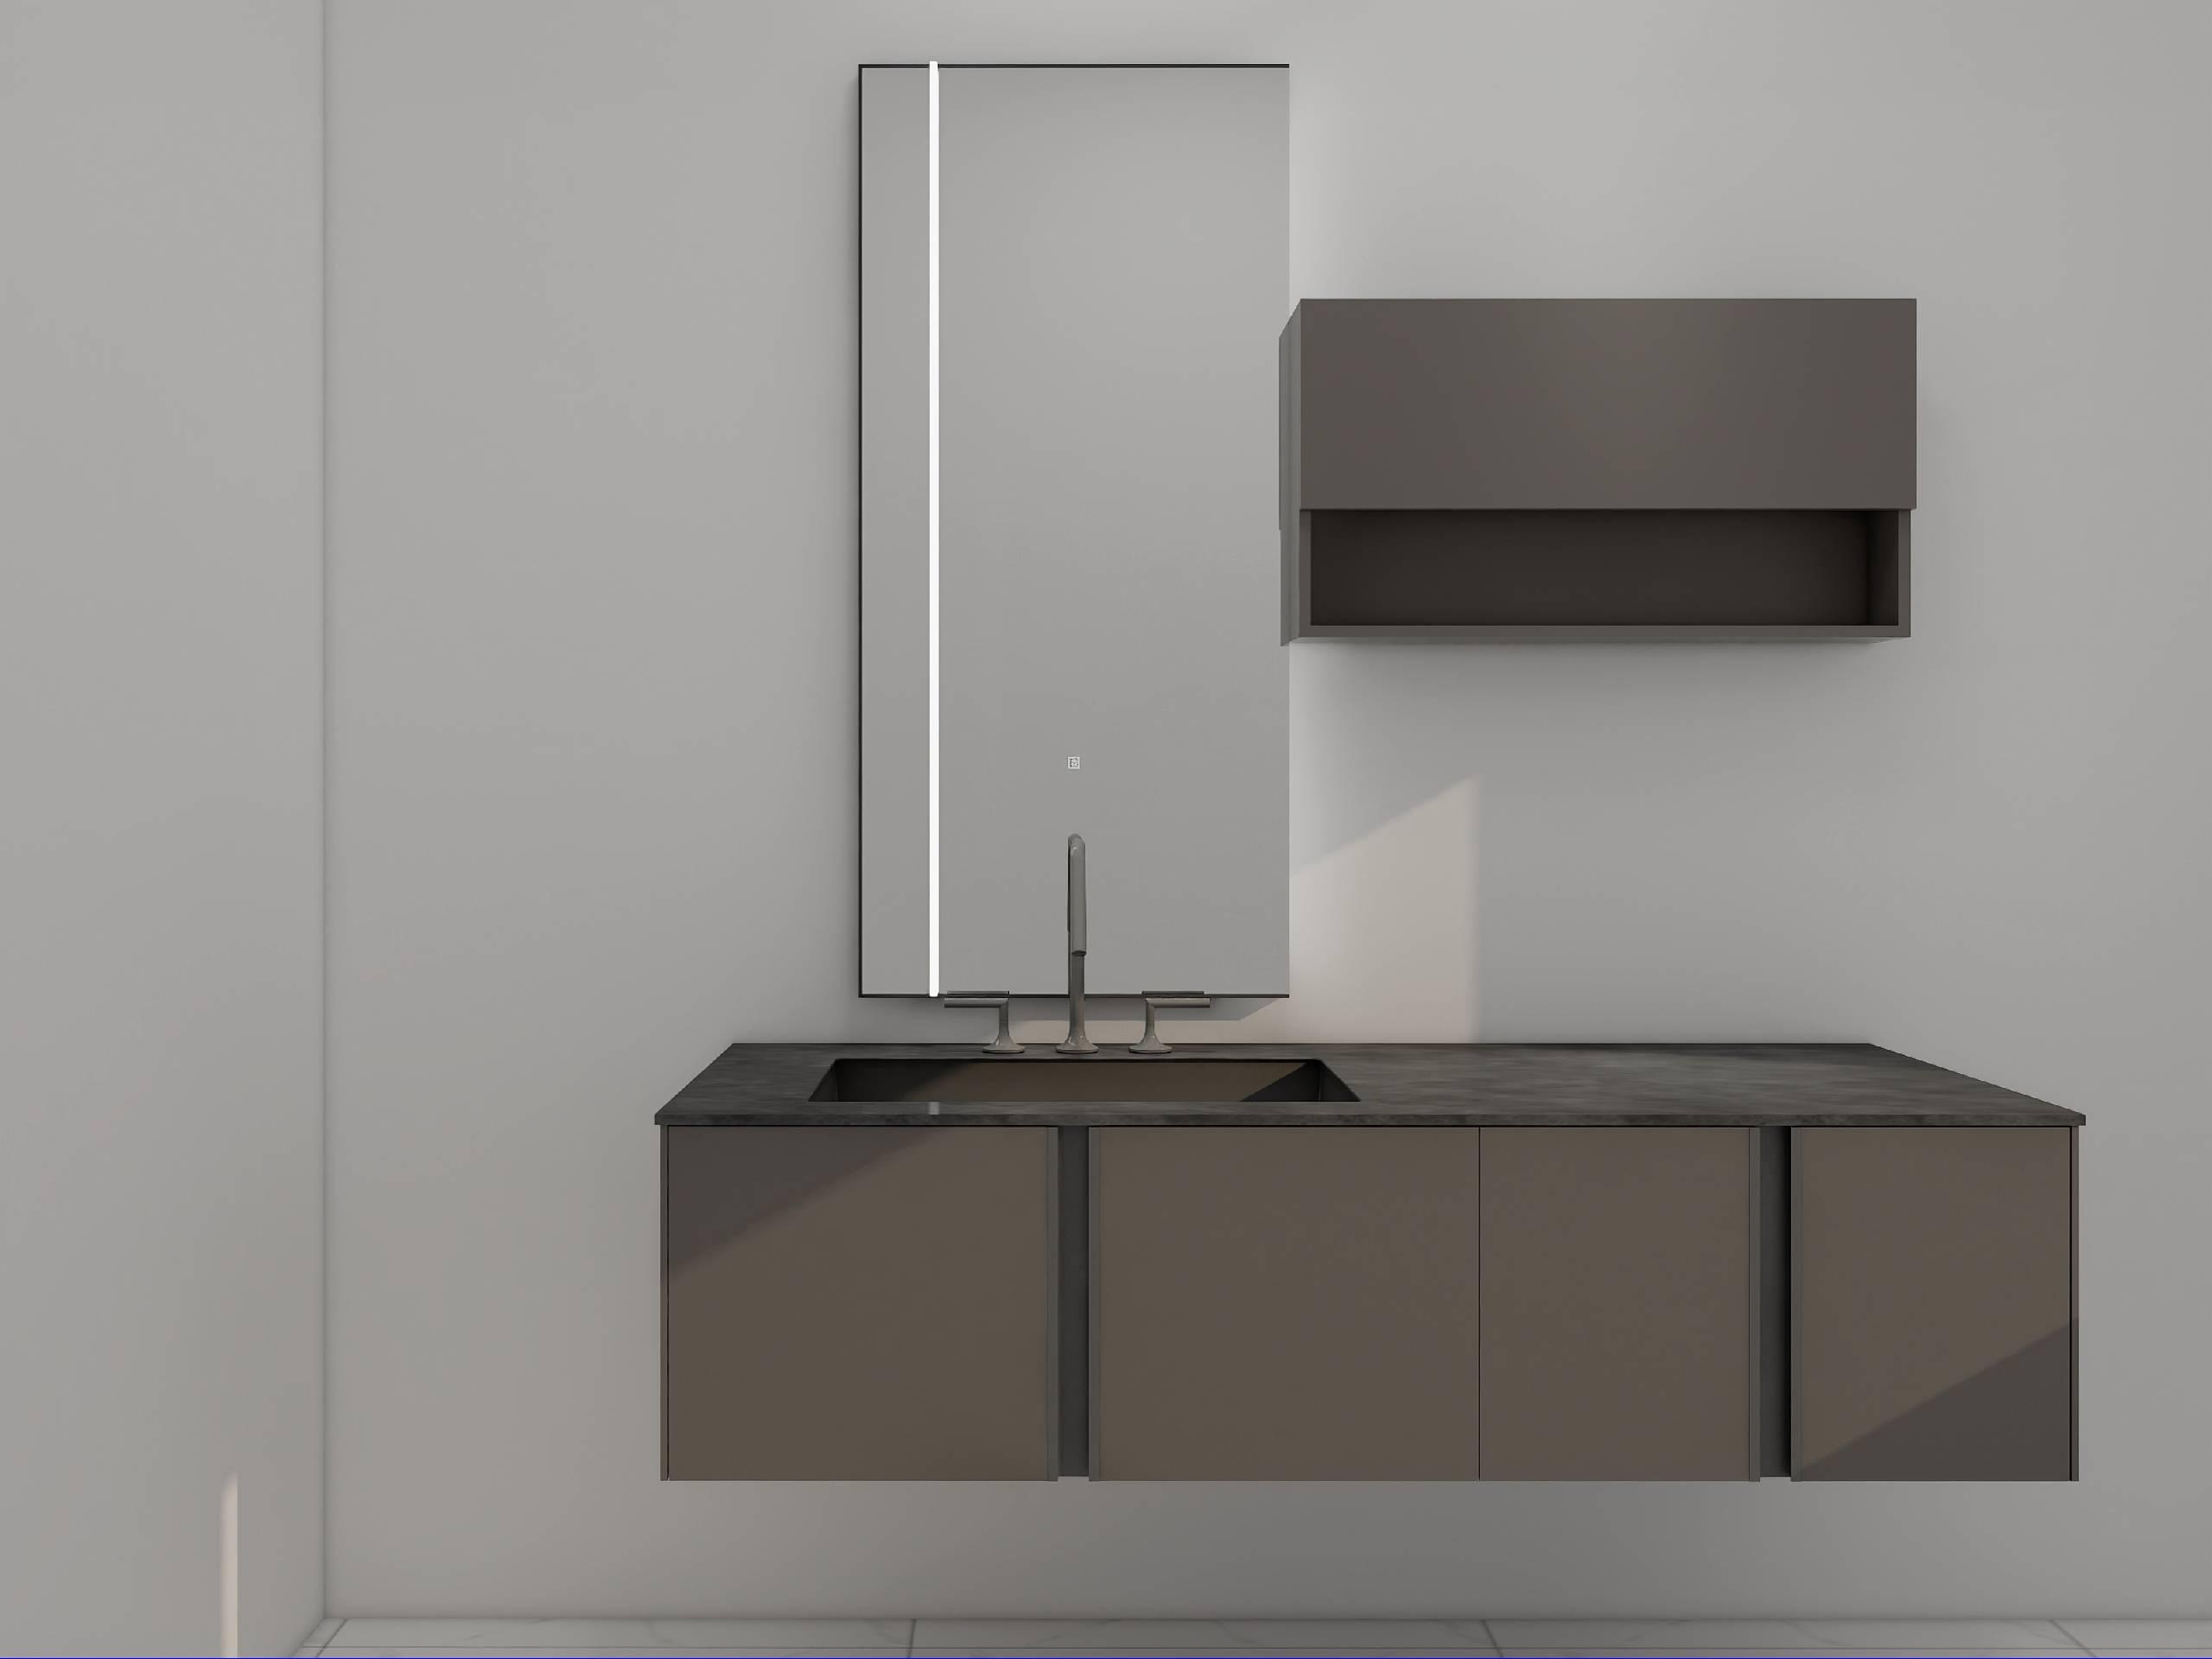 浴室柜Pomano波曼诺 PY28716(本款镜子已更换,新镜子型号PY29915-J,尺寸:600*55*1300)(定制交期图纸签字确认后60天) 购买浴室柜不含龙头与下水